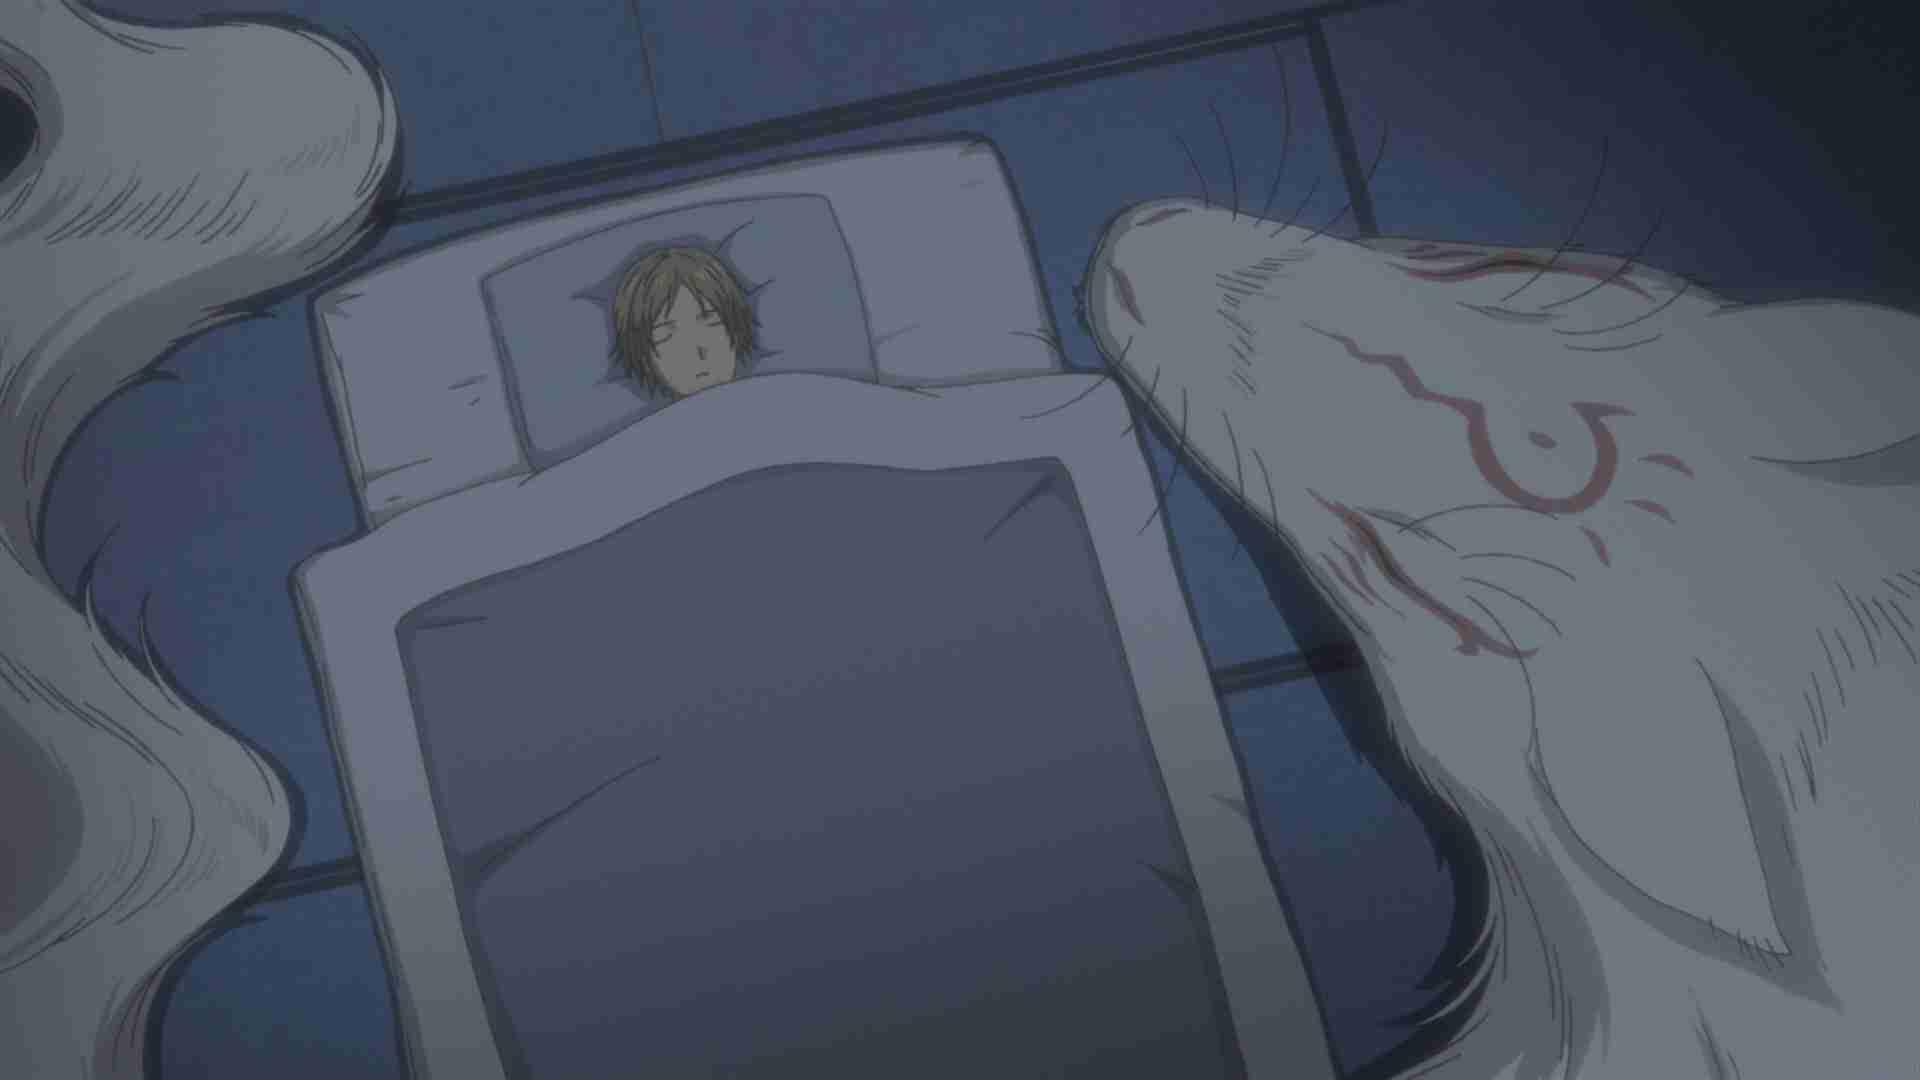 【二次元】今日は誰と寝ますか?